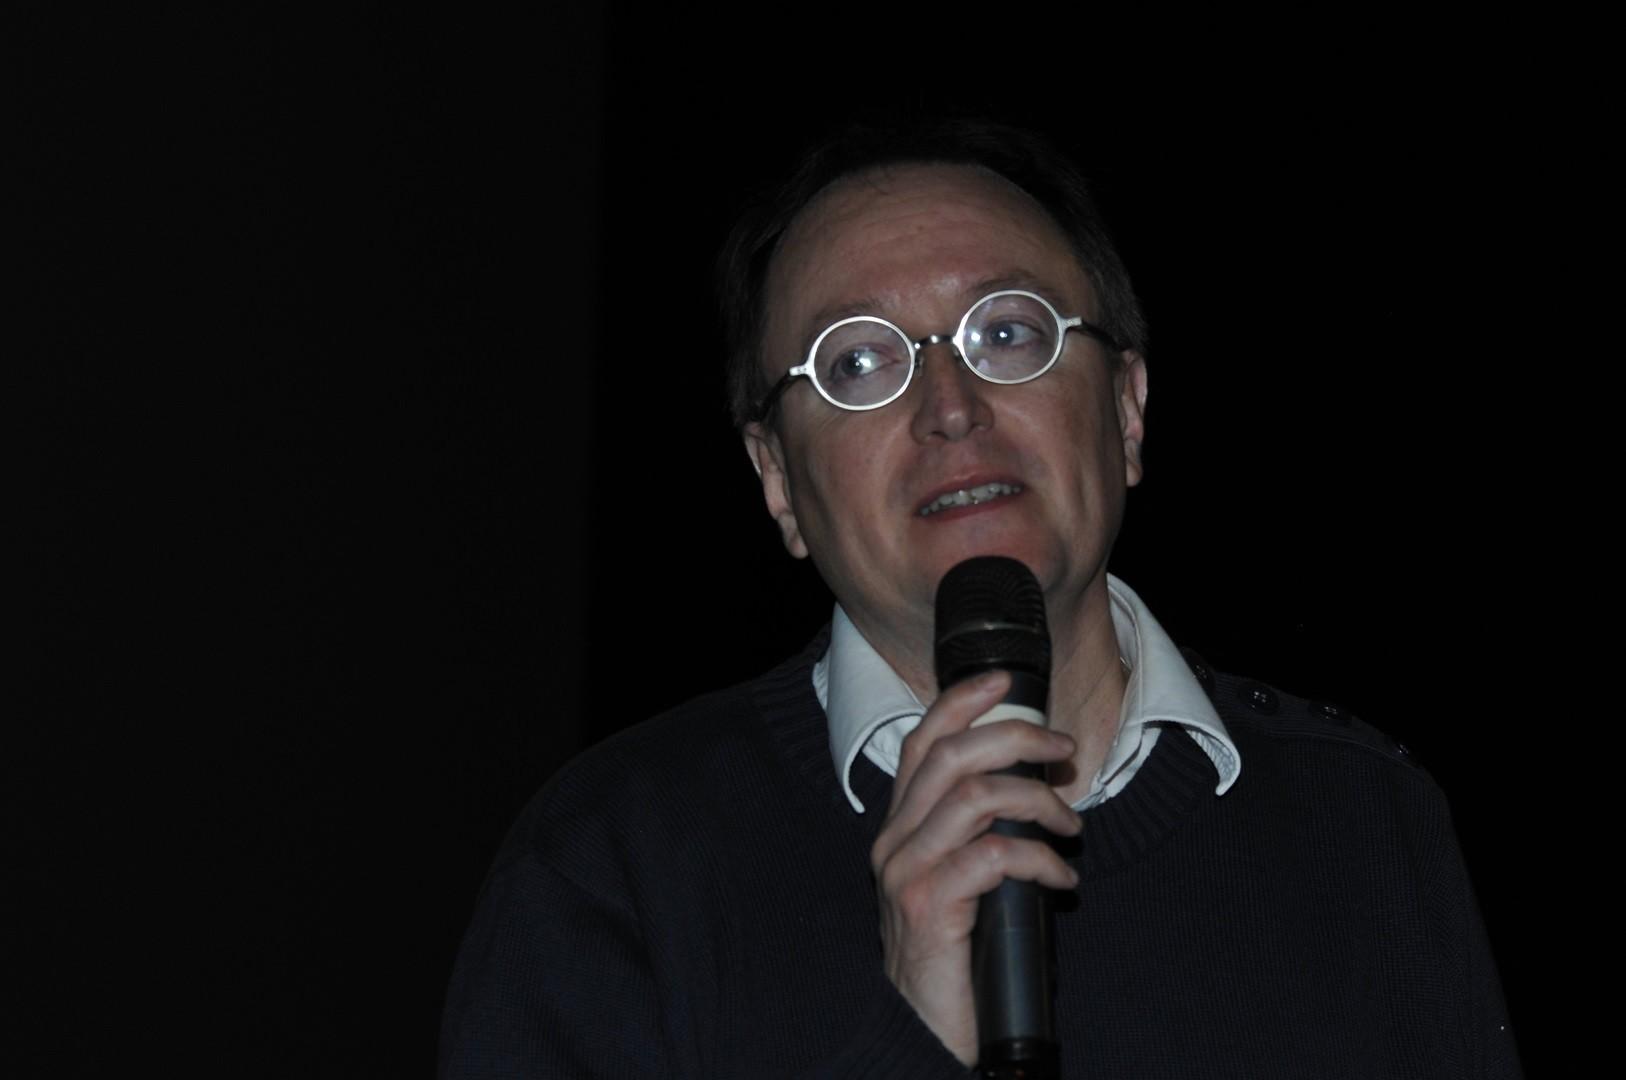 Philippe Blanchard, archéologie Inrap, co-responsable des fouilles, répond aux questions du public sur Les mystérieuses catacombes de Rome